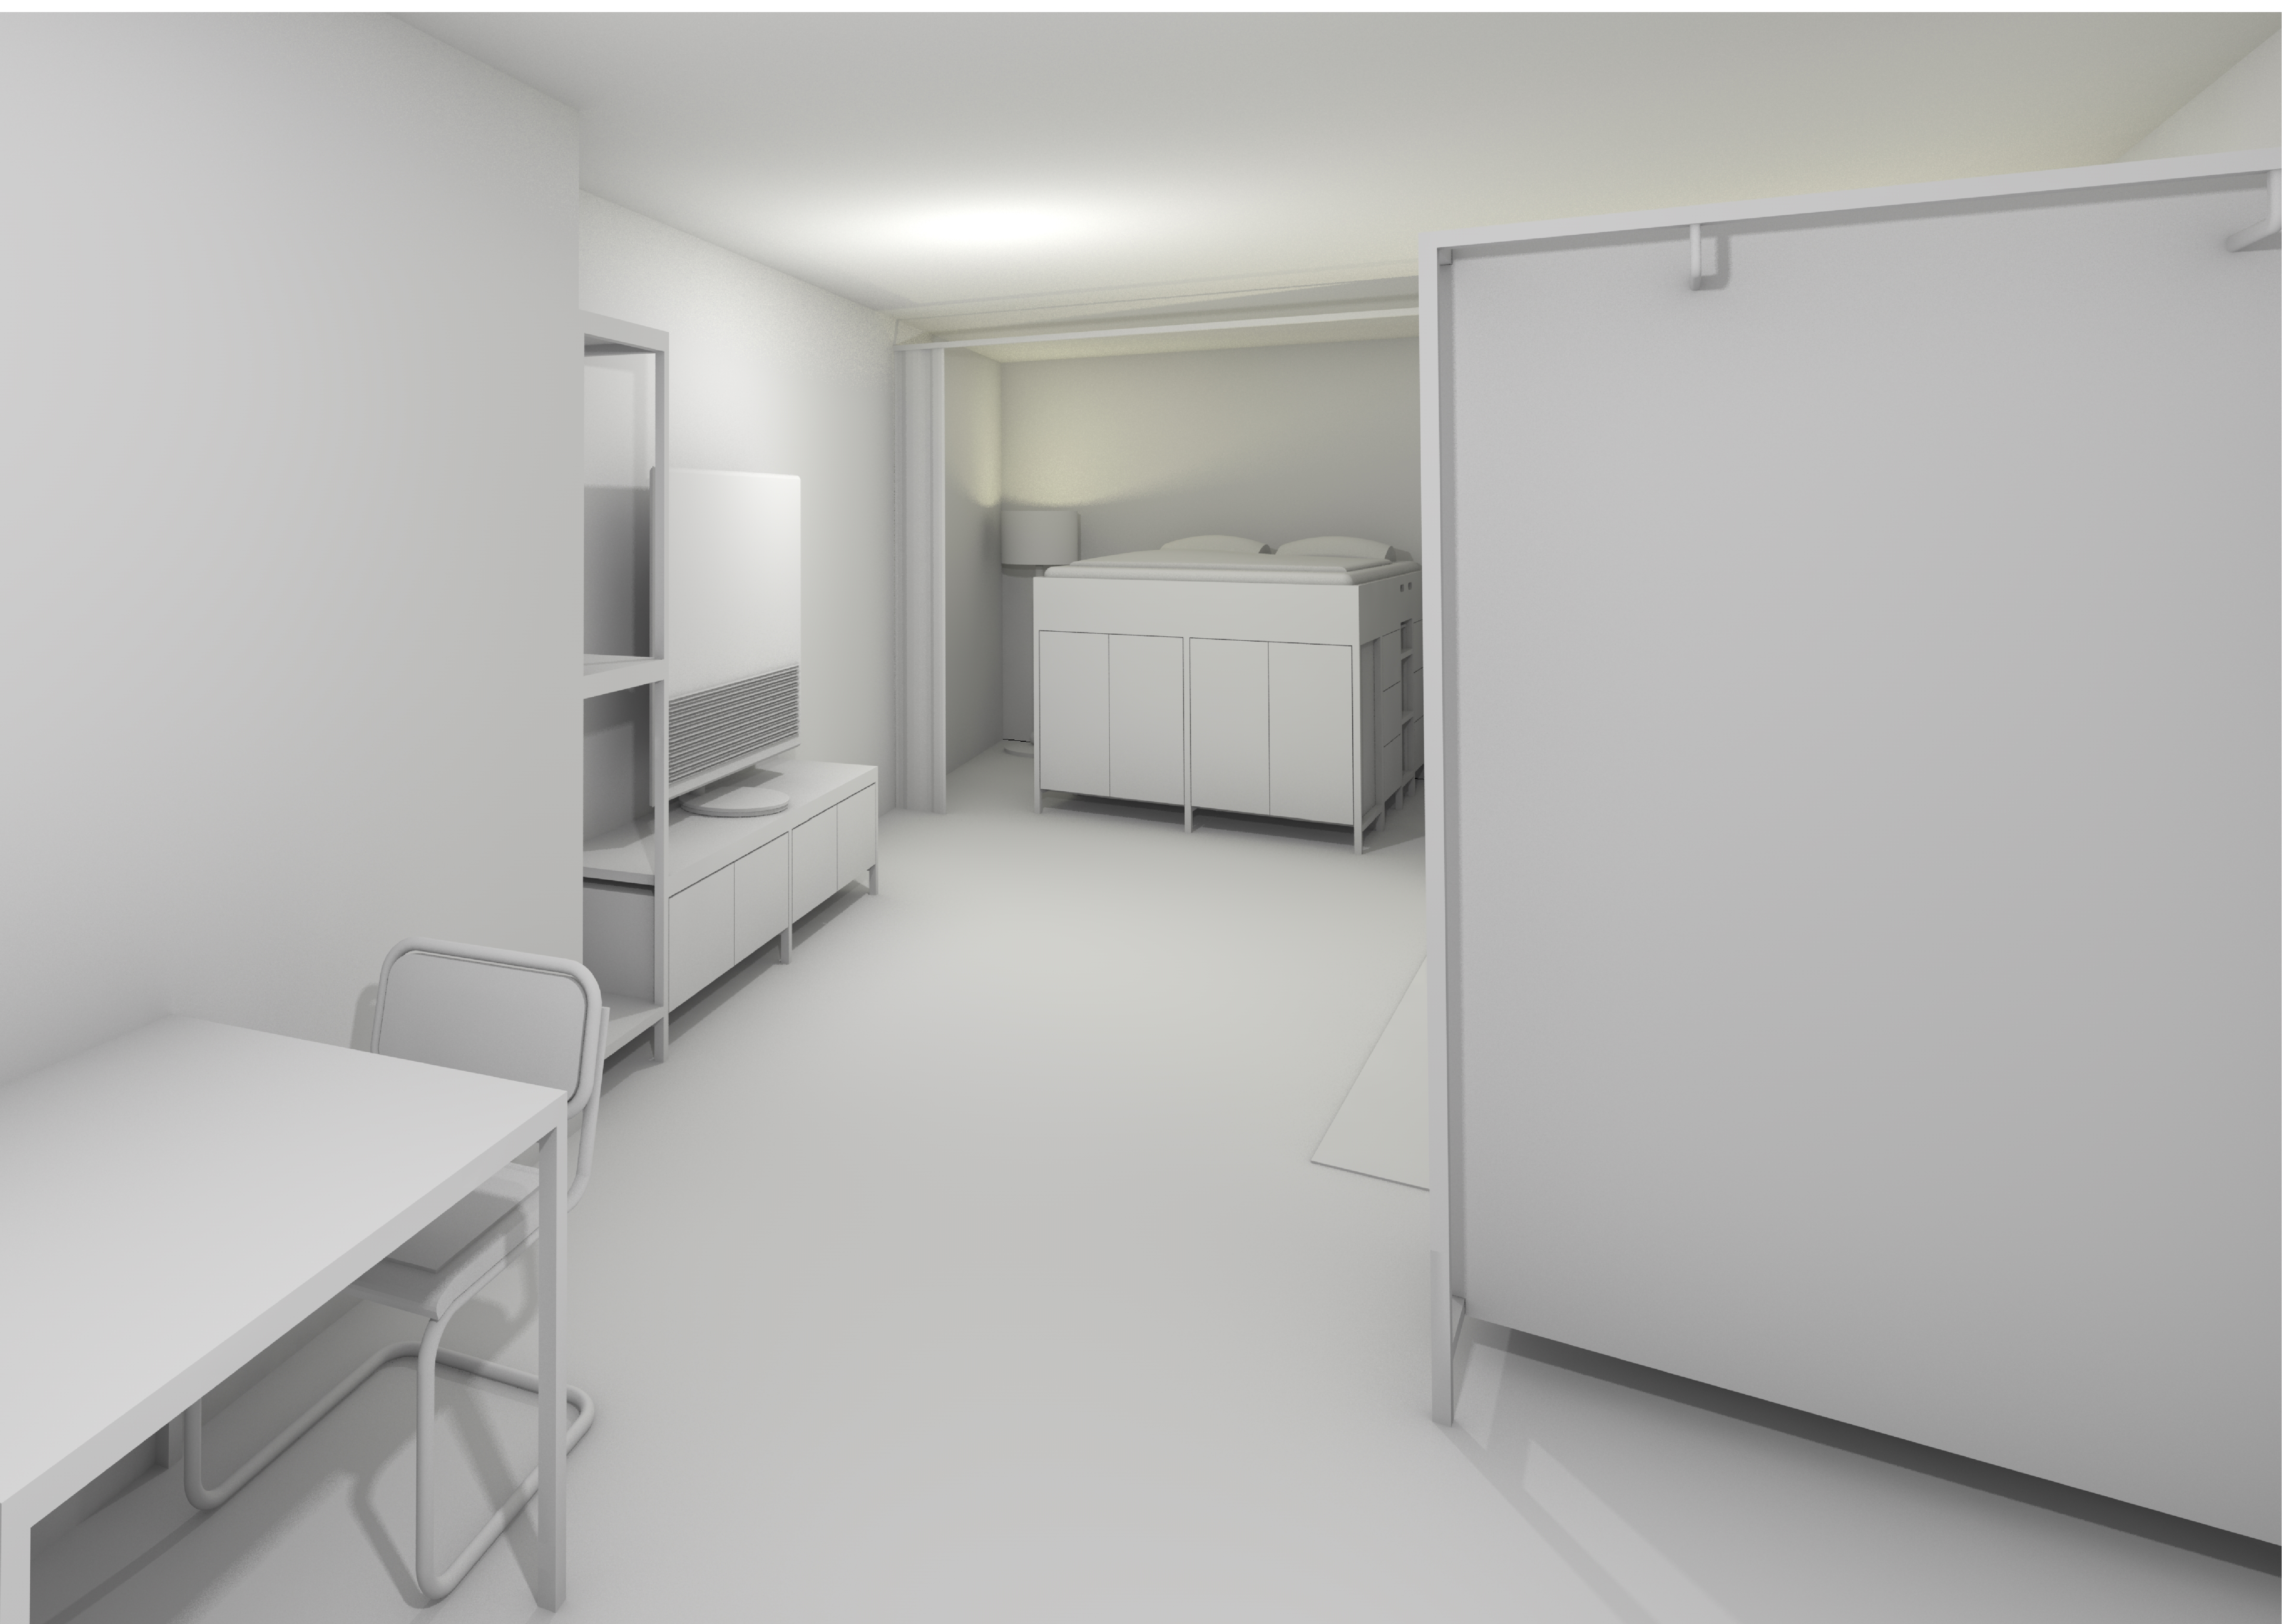 Rendermodell - Sicht ins Wohnzimmer